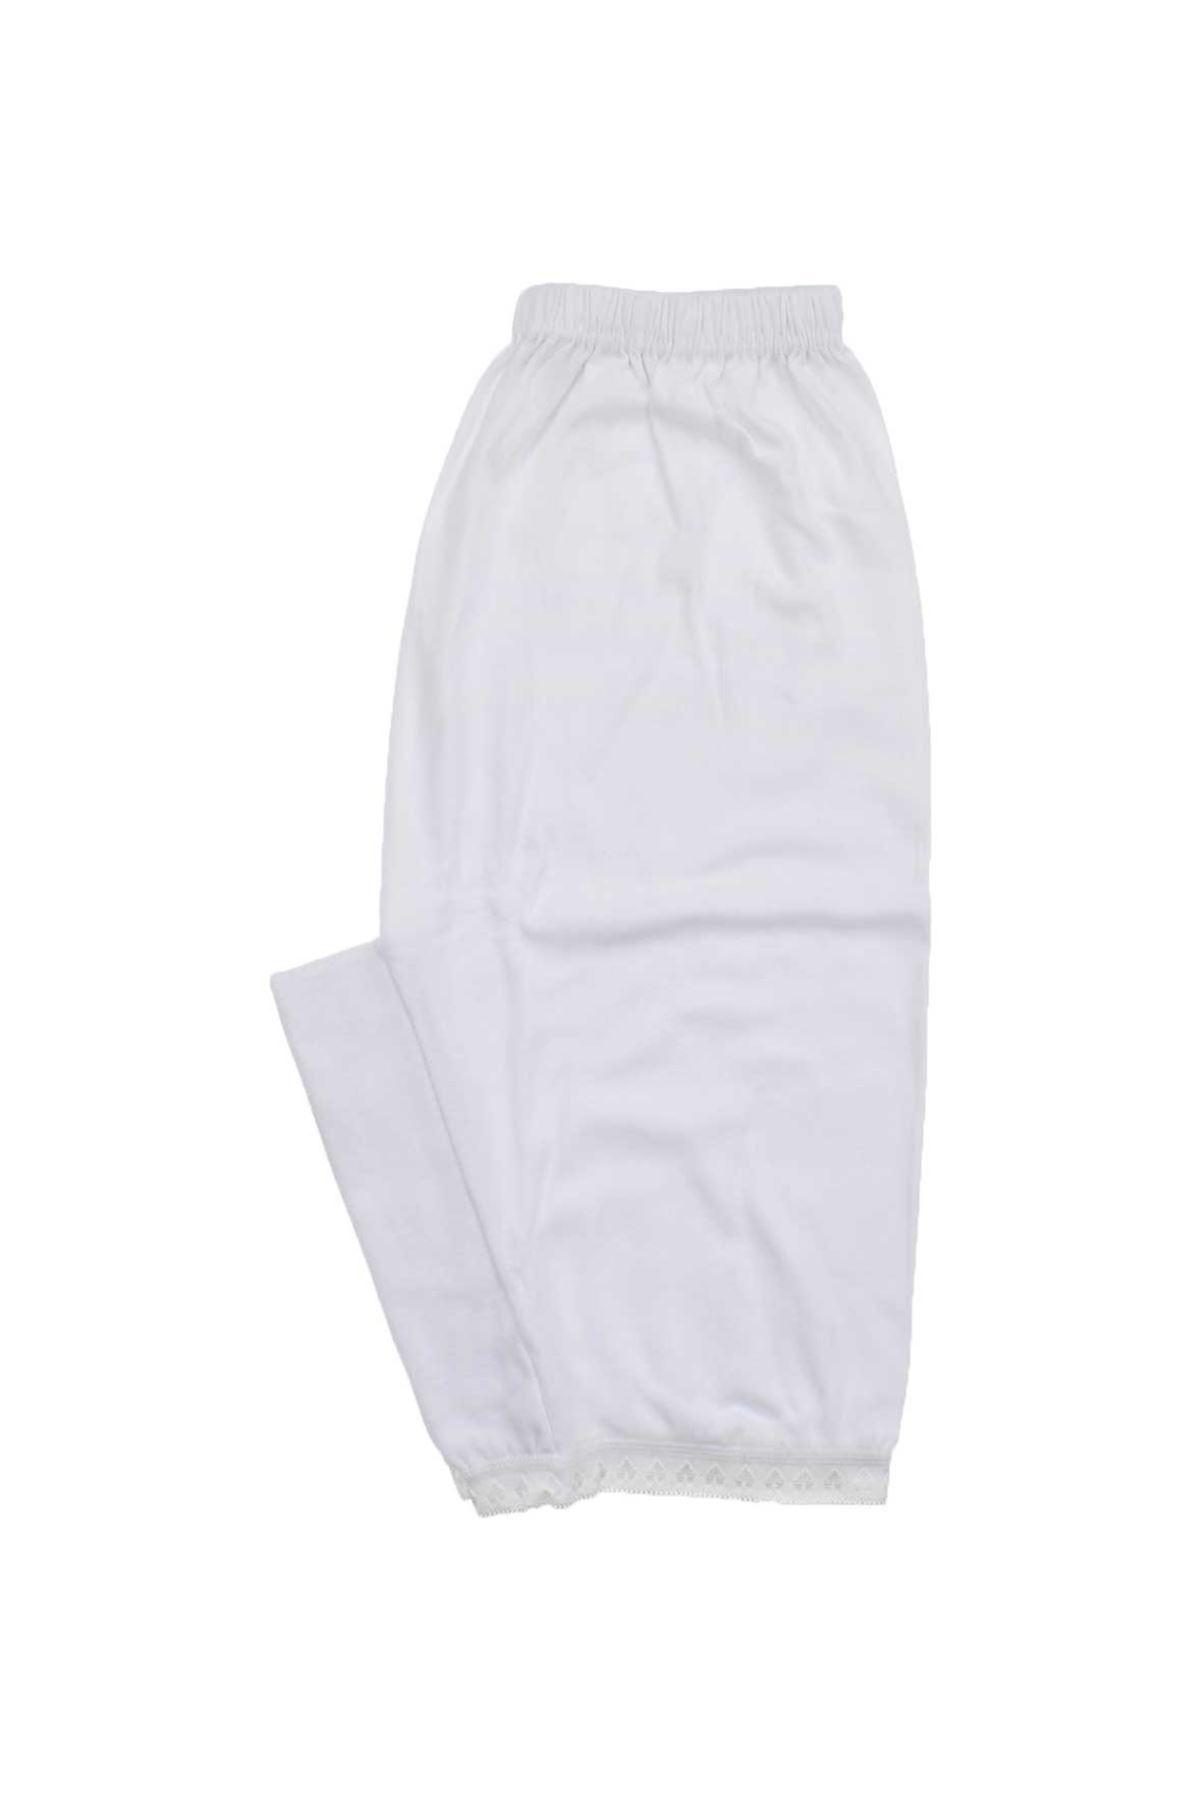 Gümüş İç Giyim Bayan Beyaz Paçalı